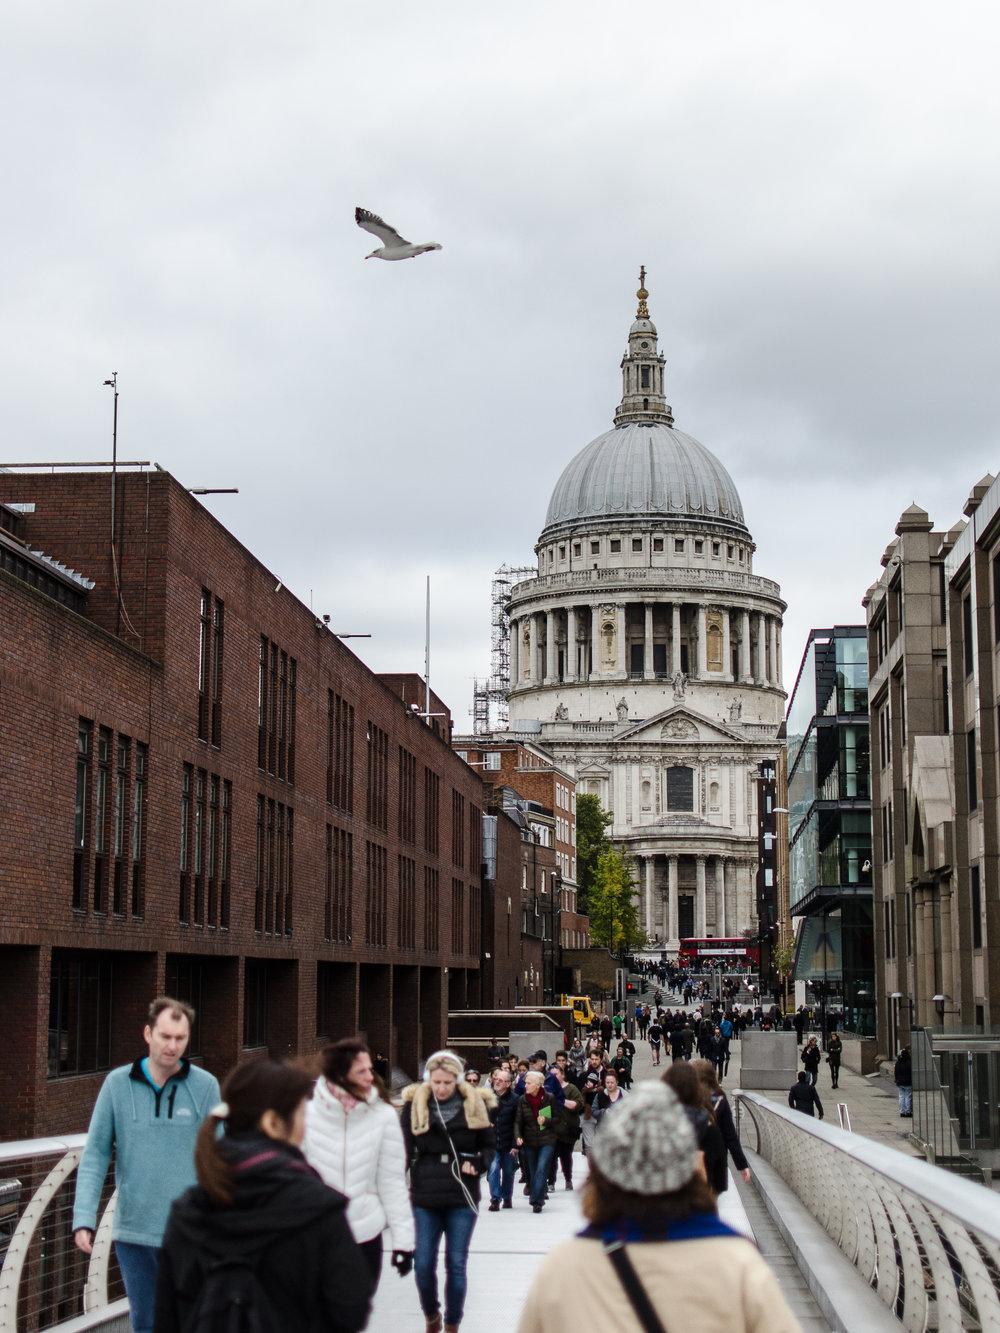 London-286.jpg